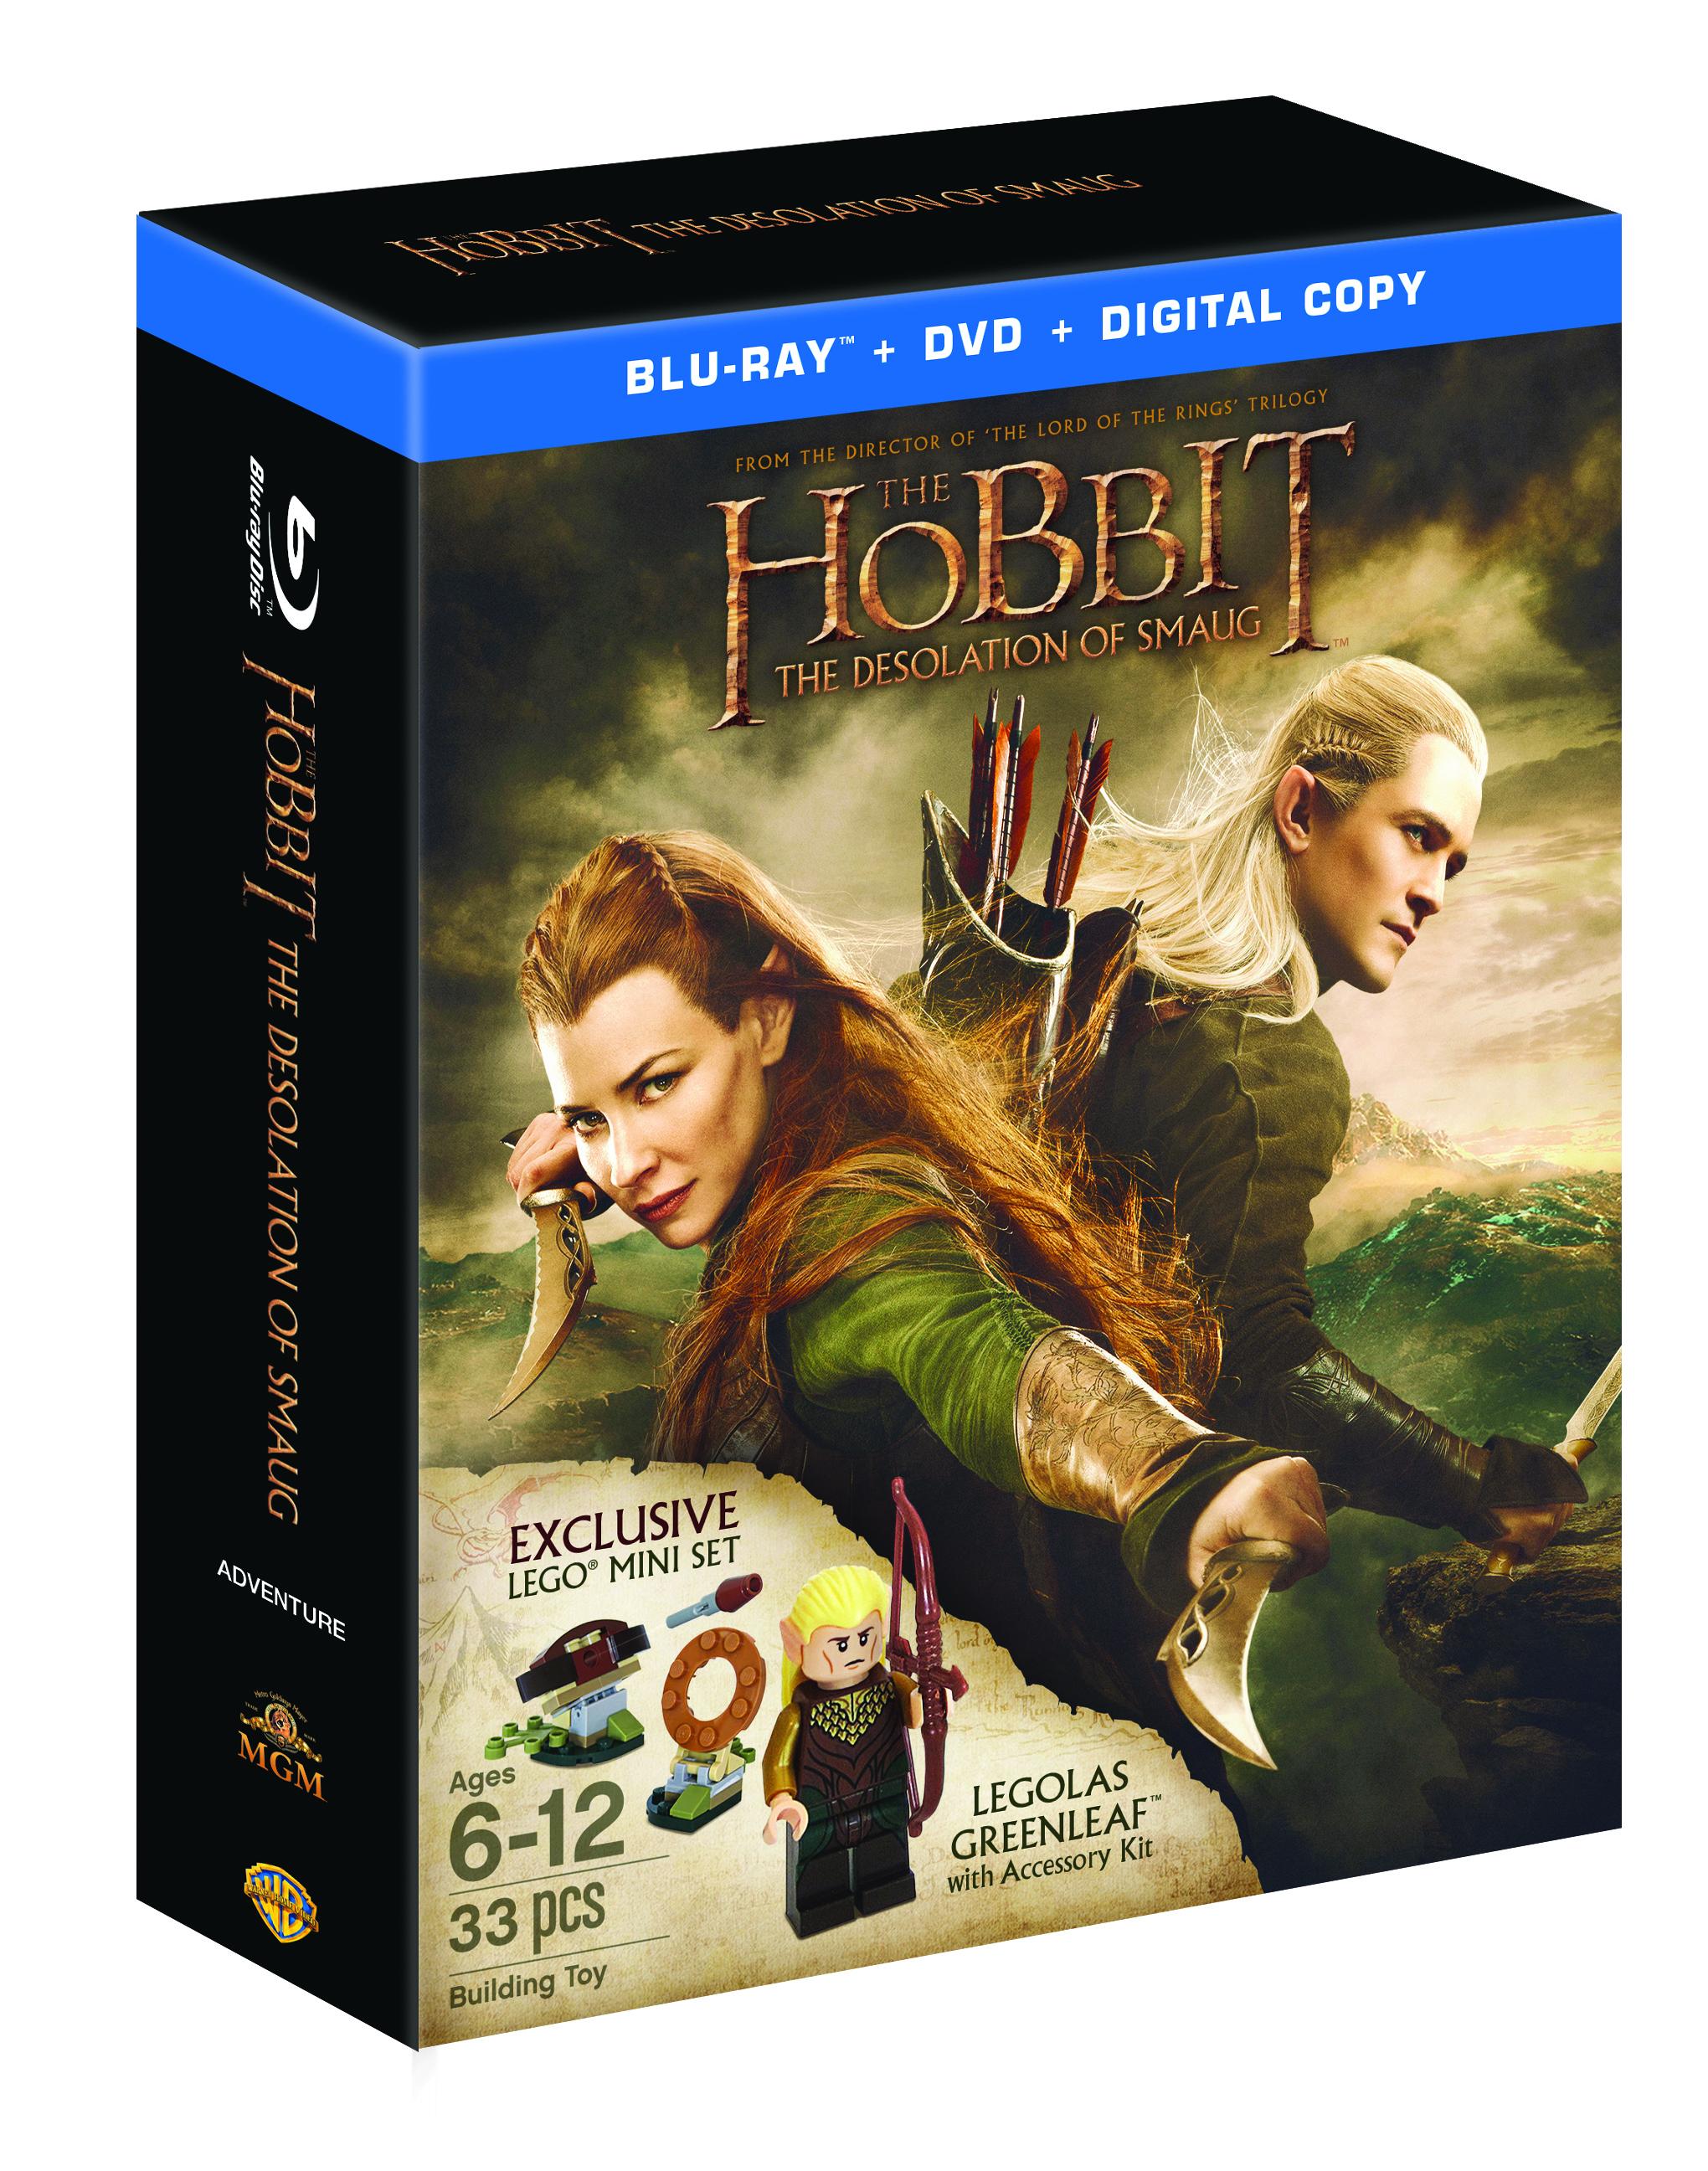 Le Seigneur des Anneaux / The Hobbit #3 THE_HOBBIT_TDOS_BD_LEGO